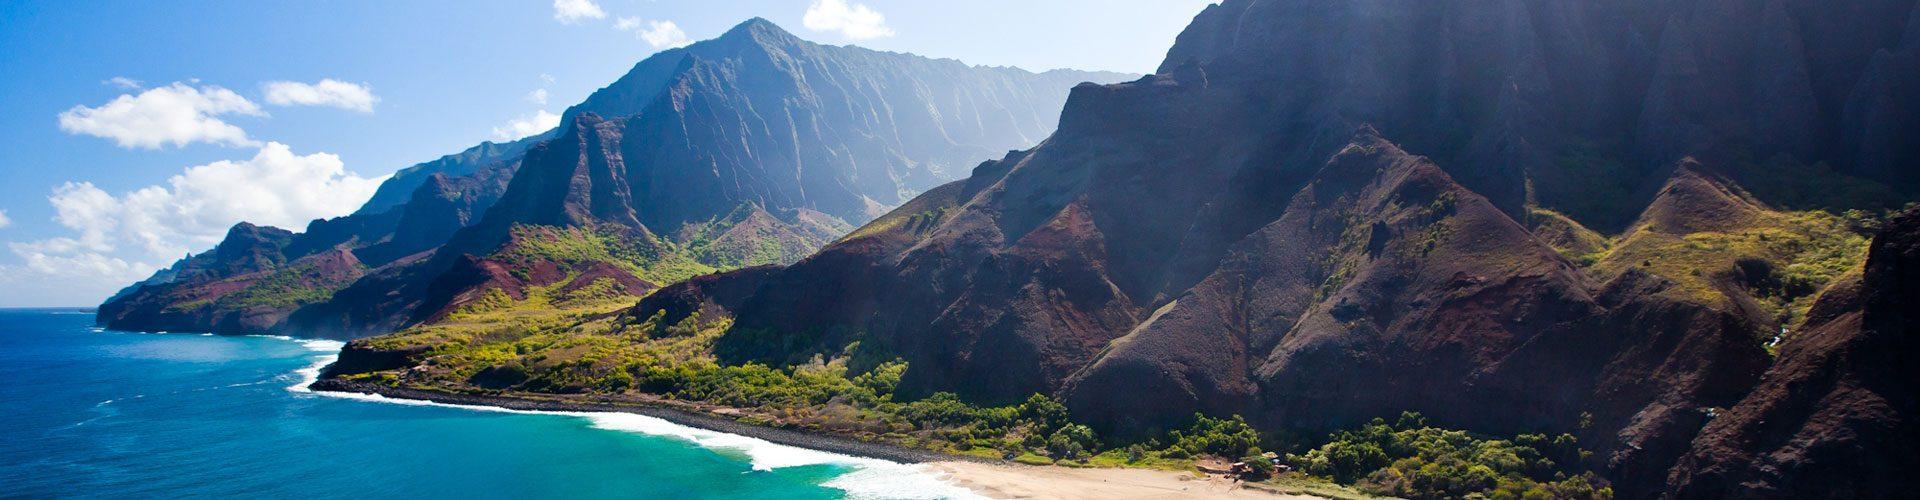 Spektakuläre Küste, Kauai